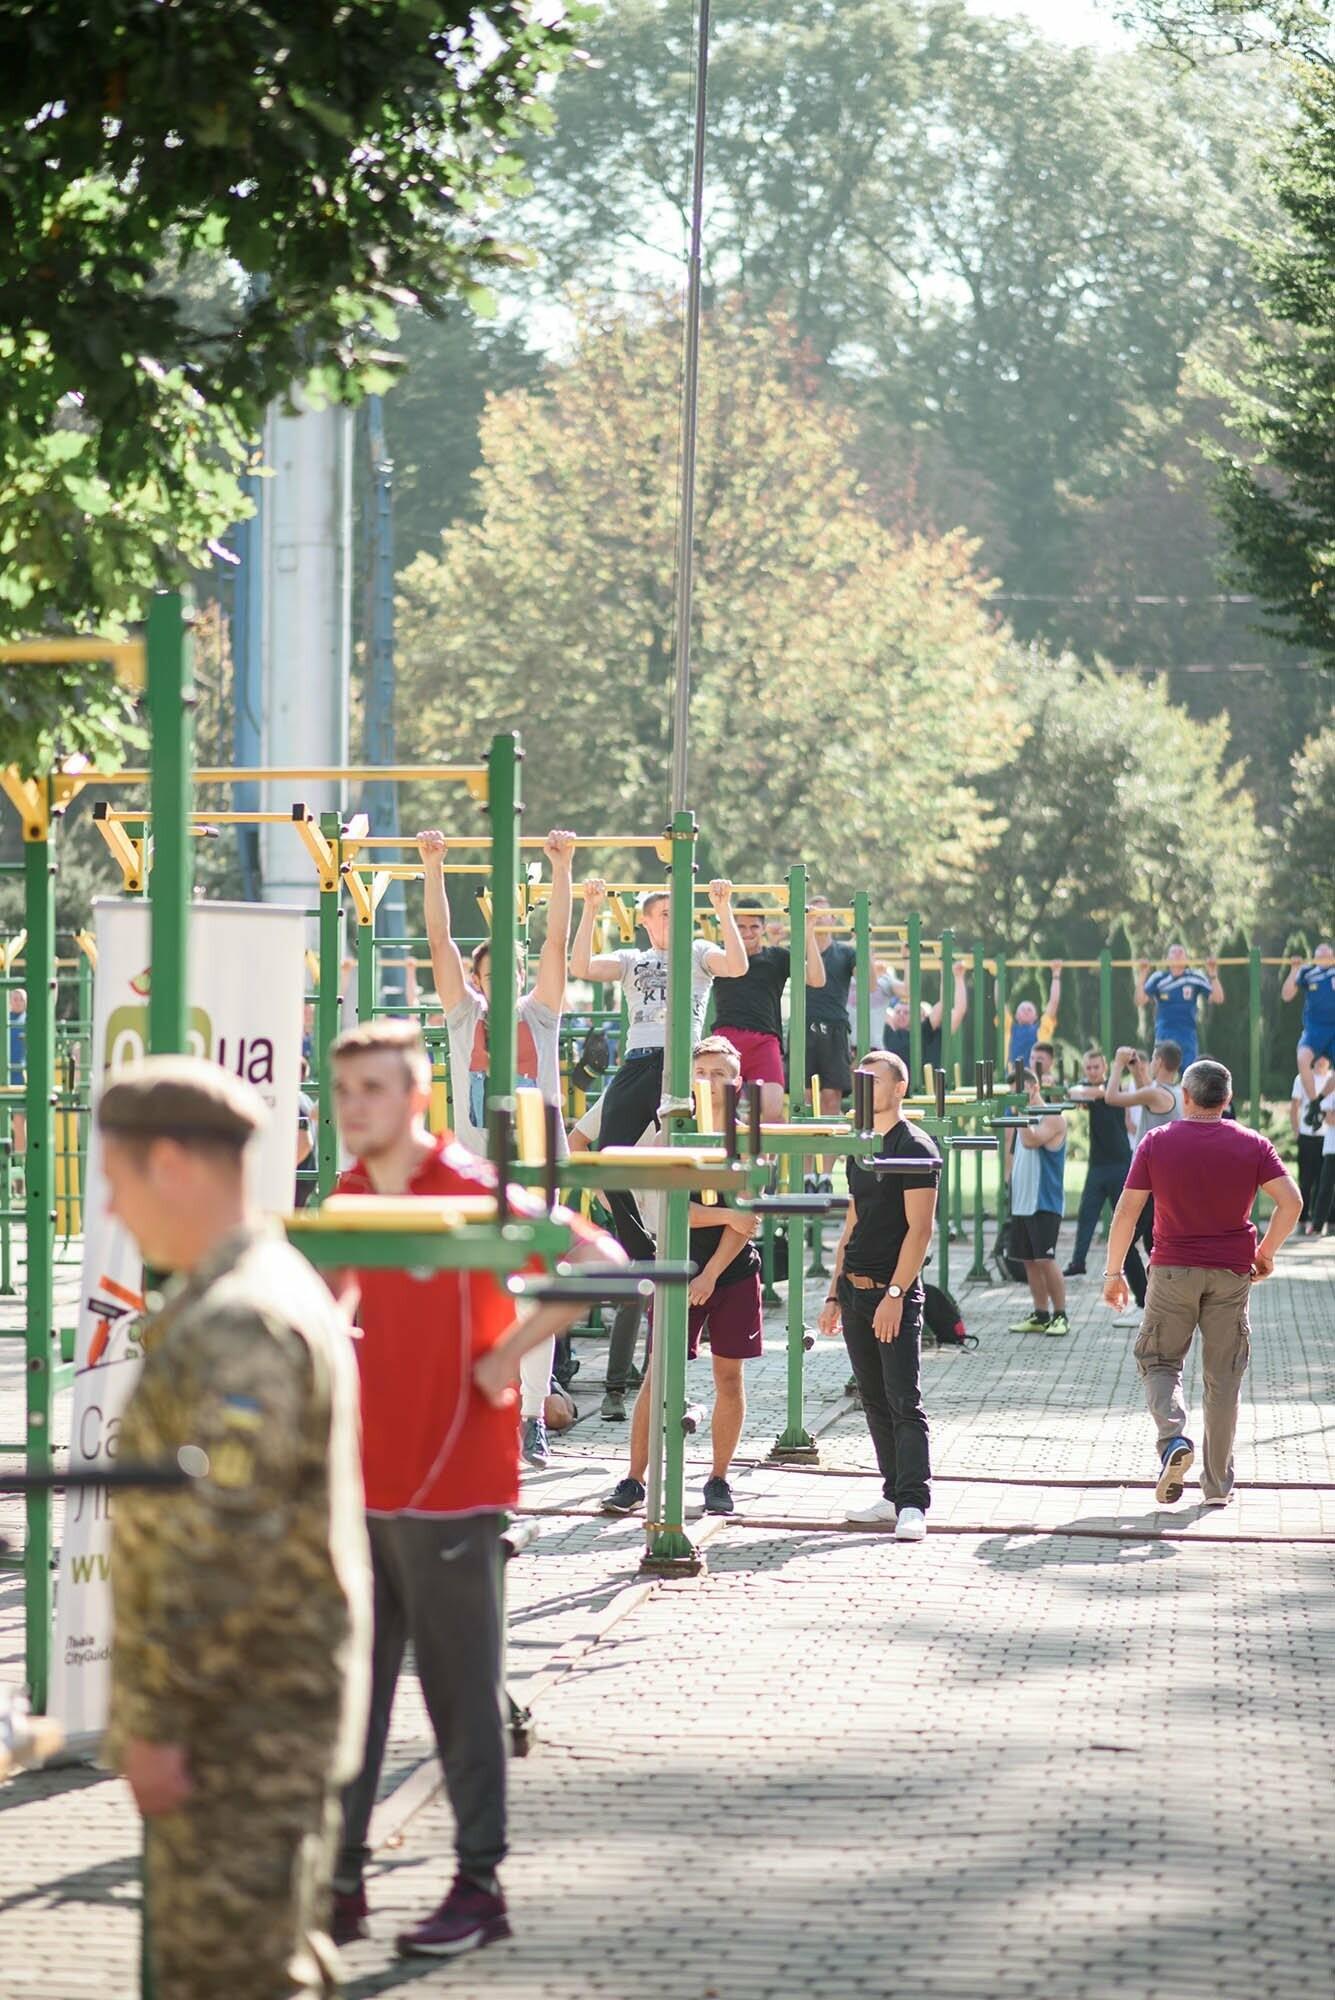 240 студентів Львівщини одночасно підтягнулися на турніках, фото-11